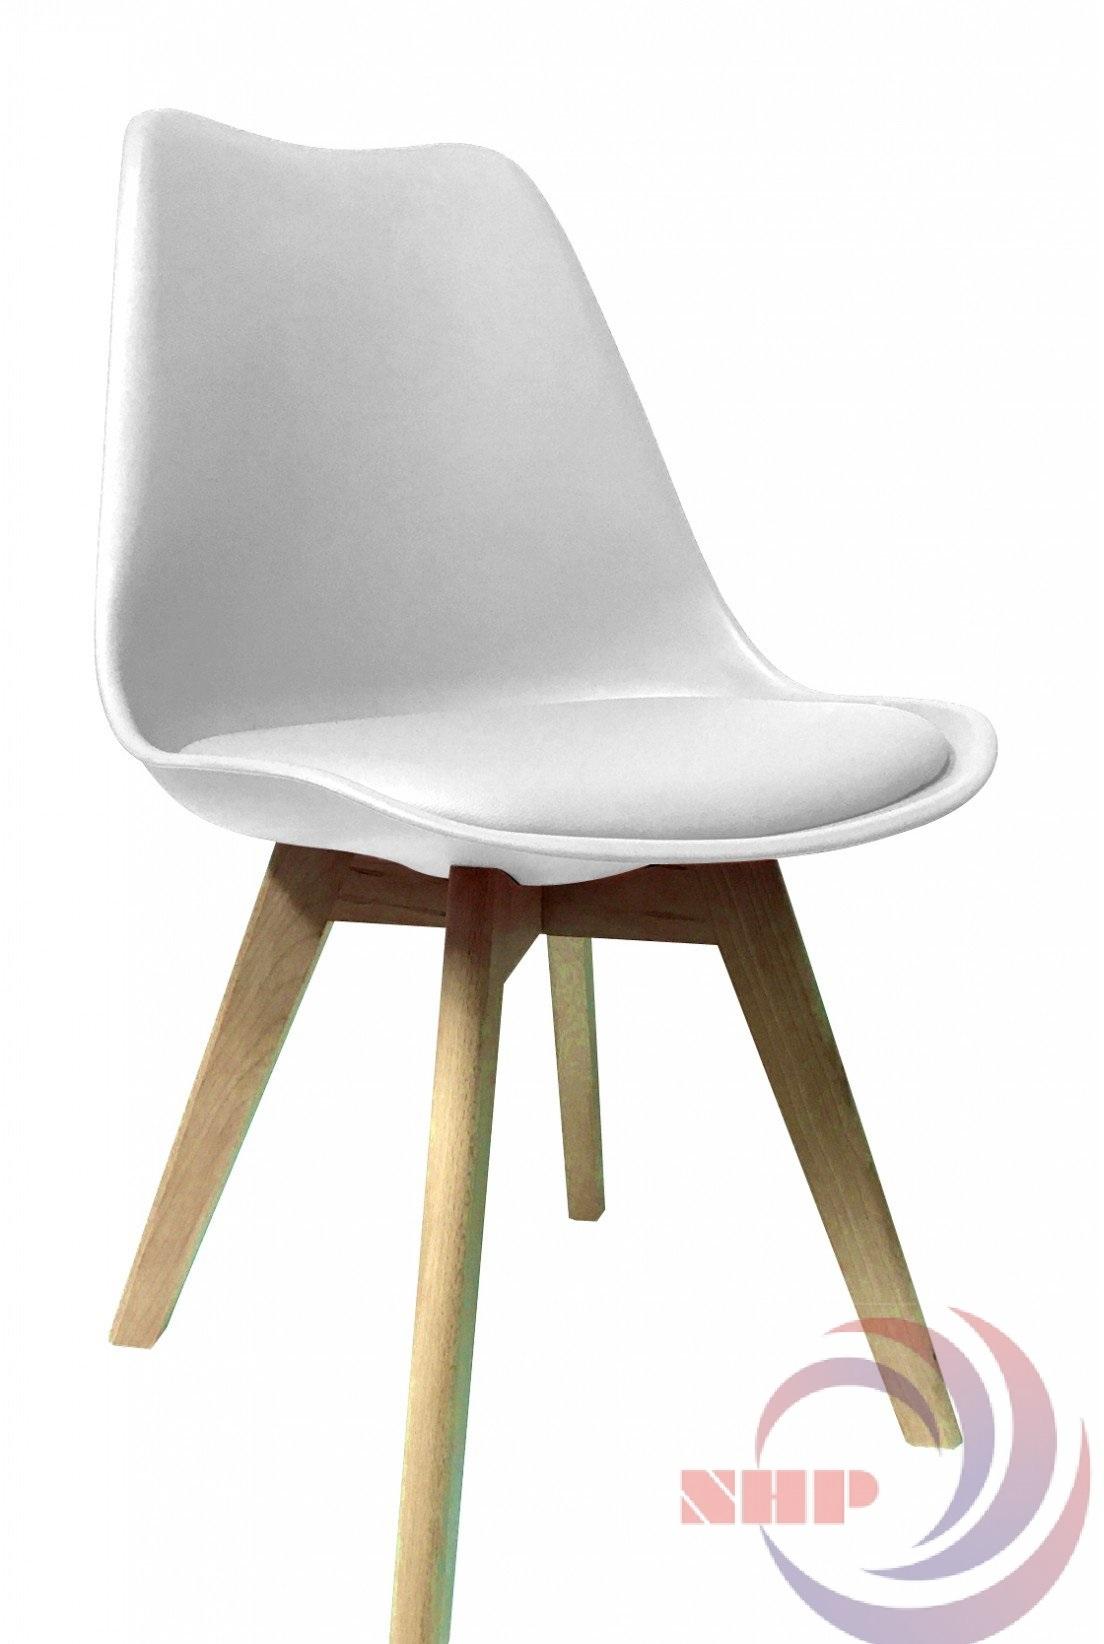 ghế nhựa cao cấp mặt nệm bgcf-gnnh05